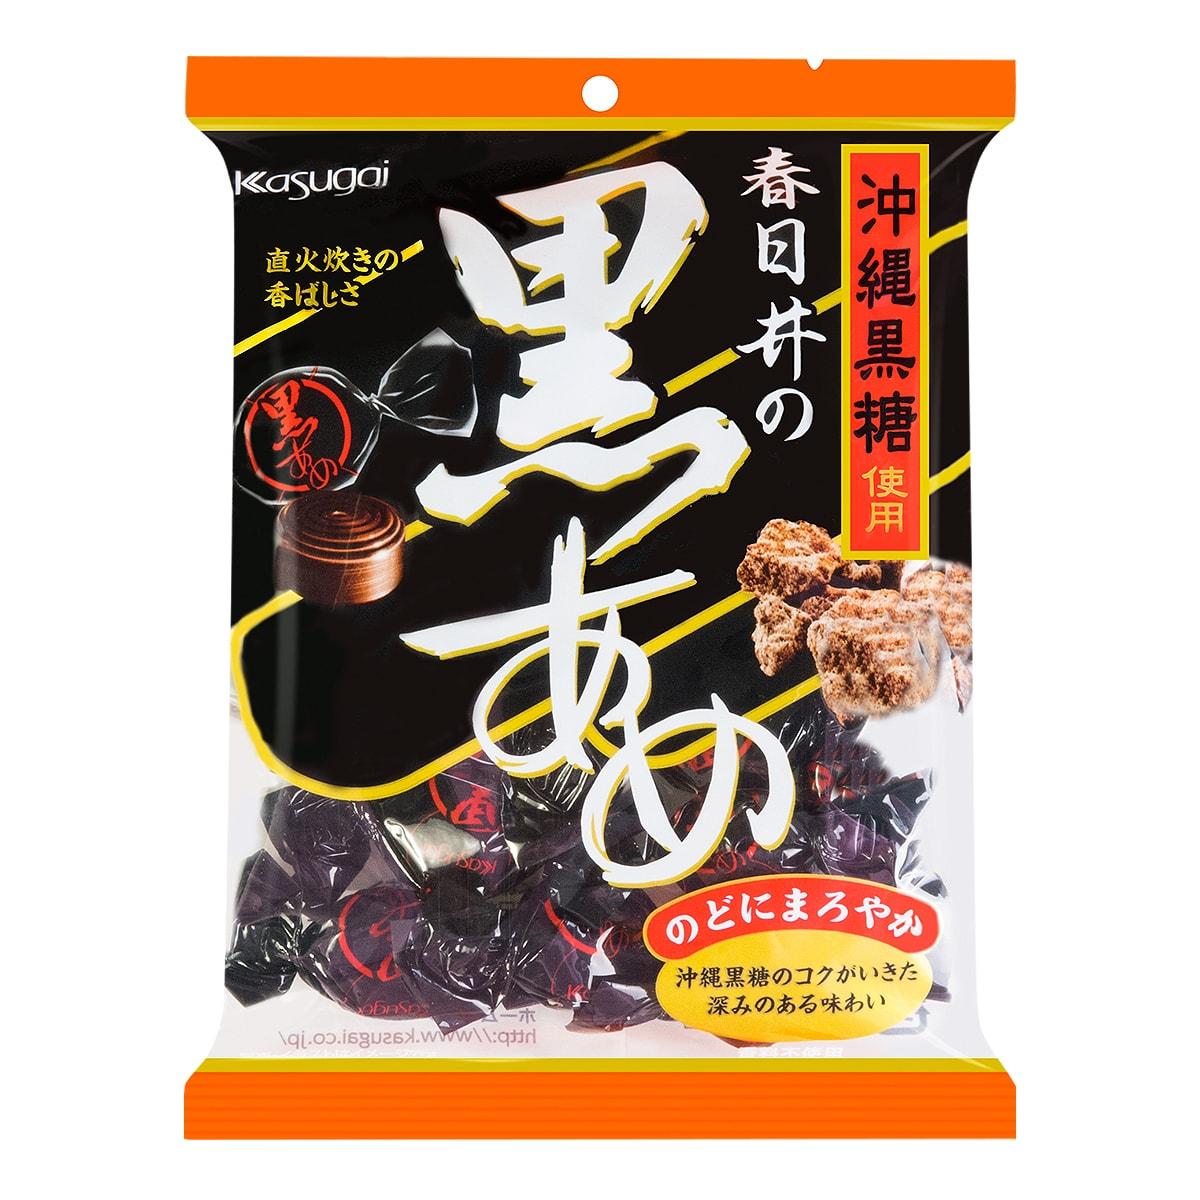 KASUGAI Okinawa Brown Sugar Candy 144g